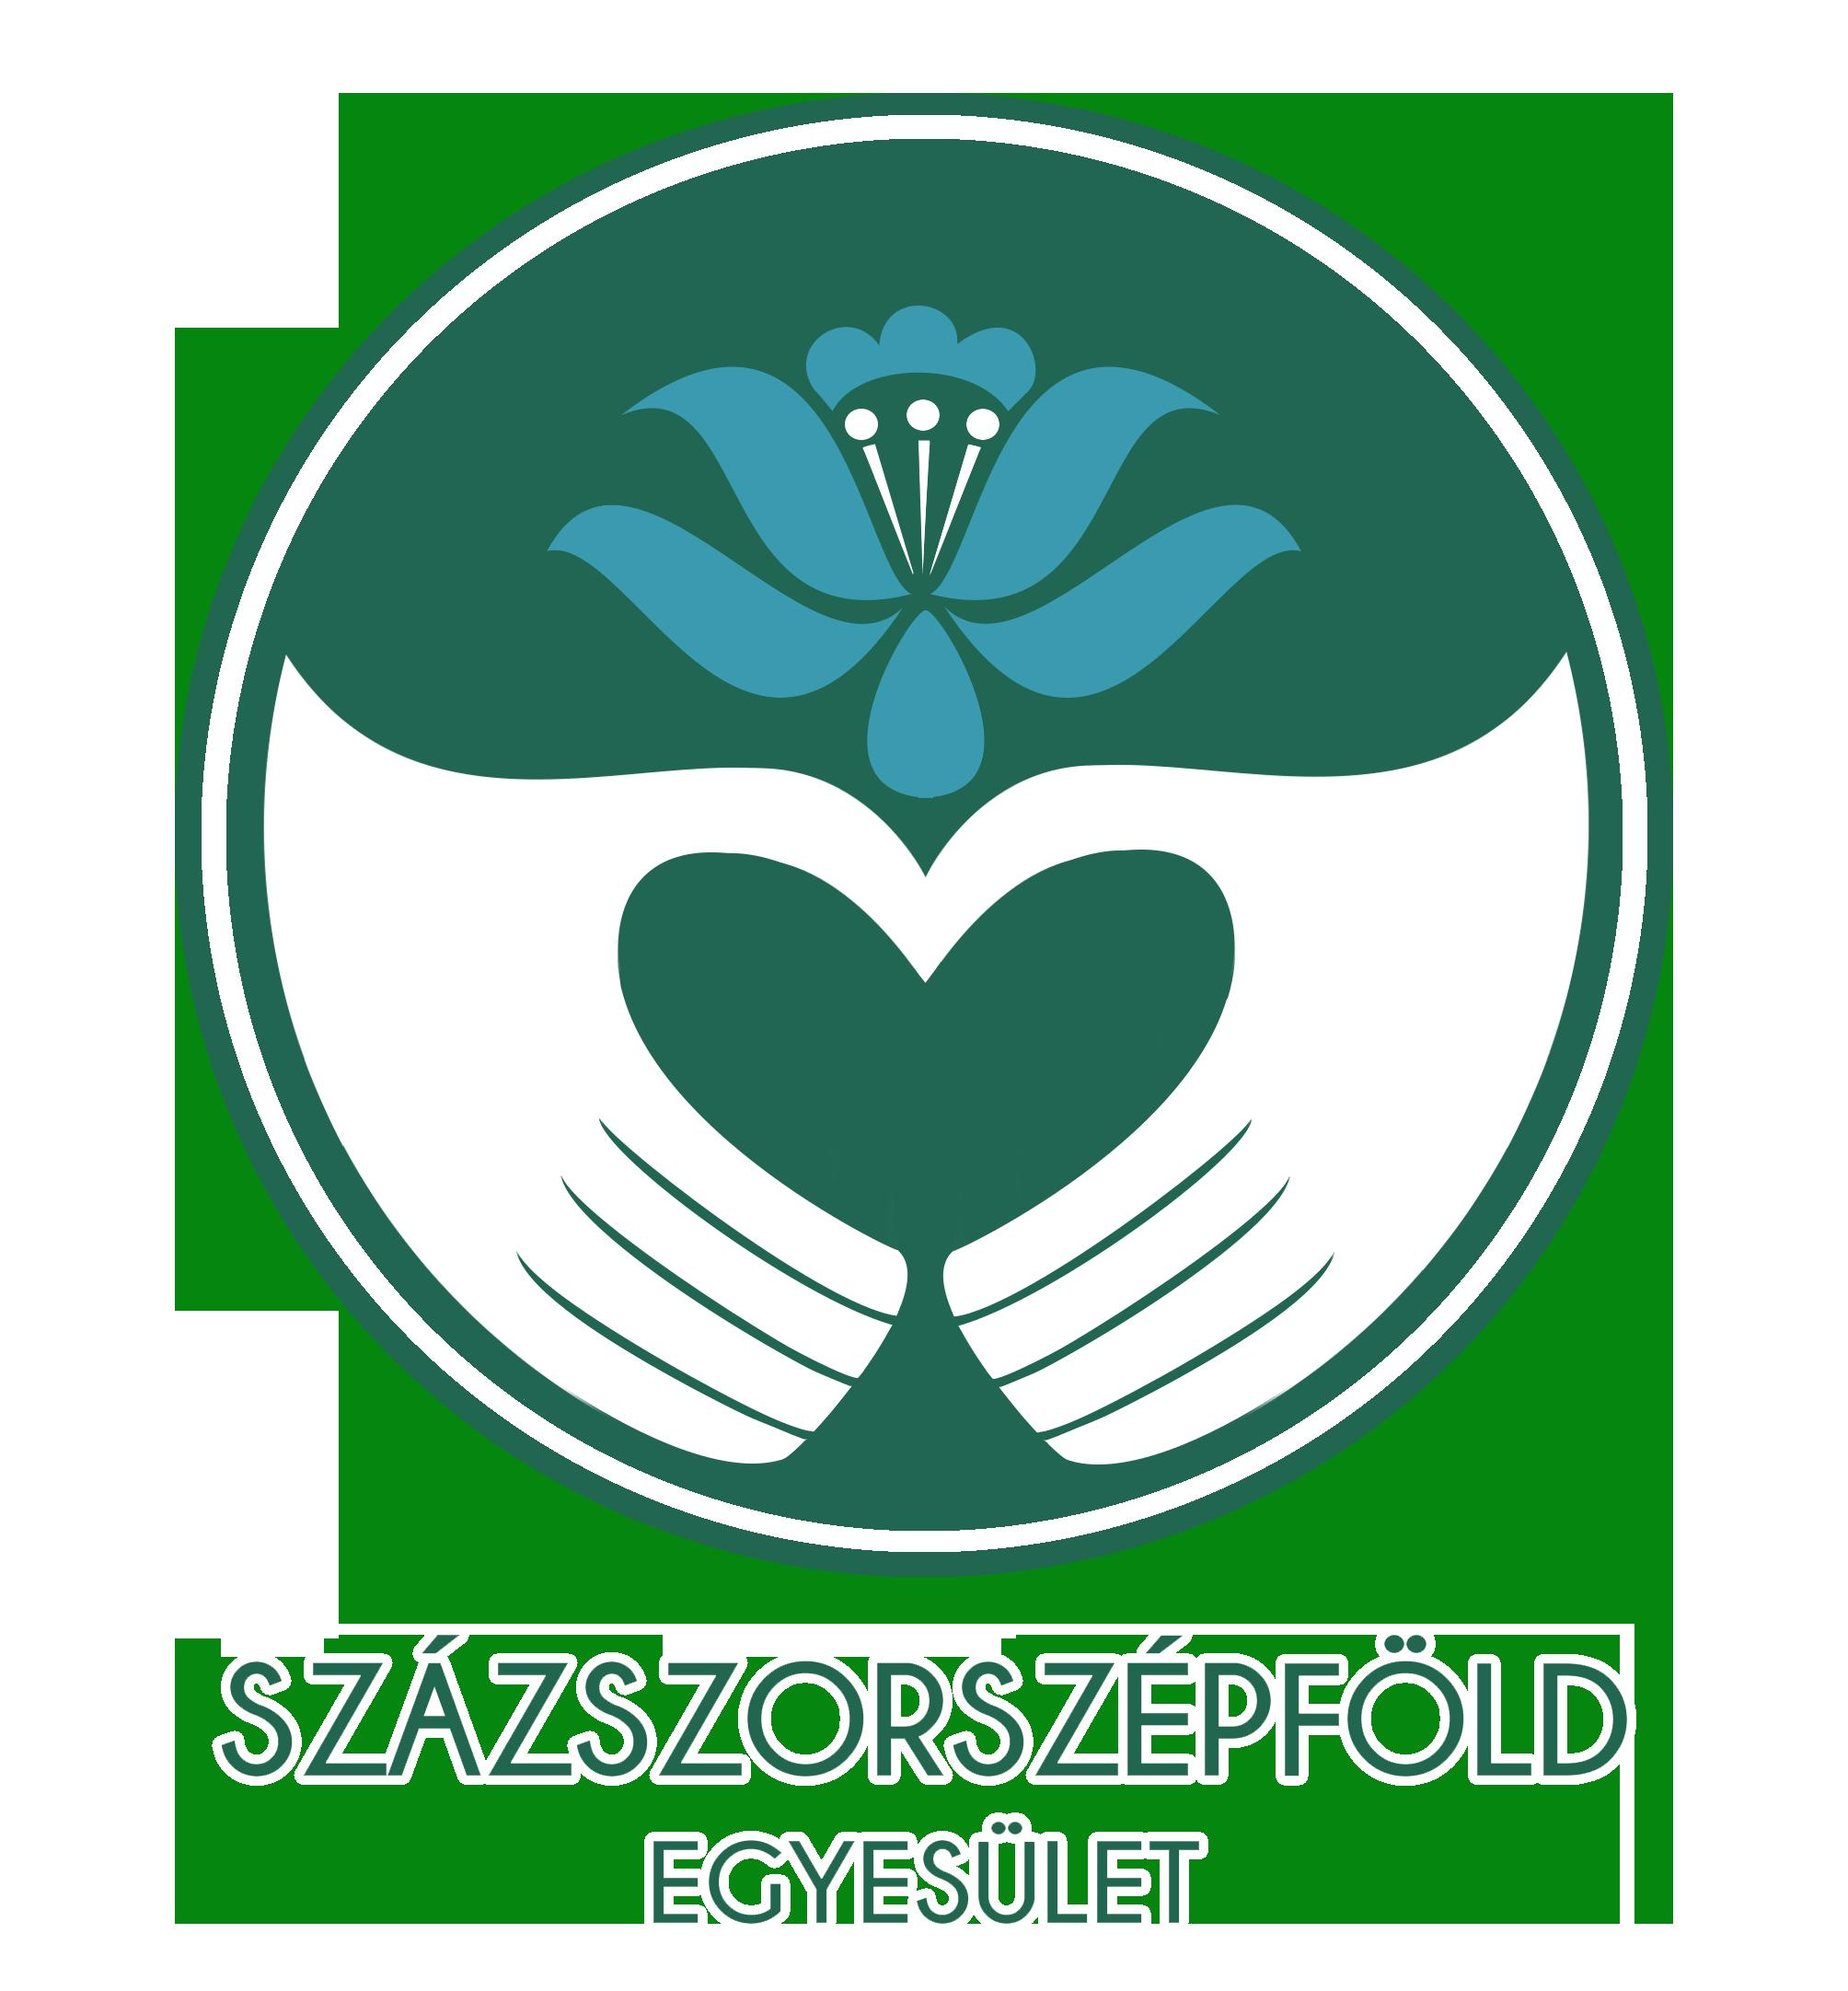 szazszorszepfold_logo